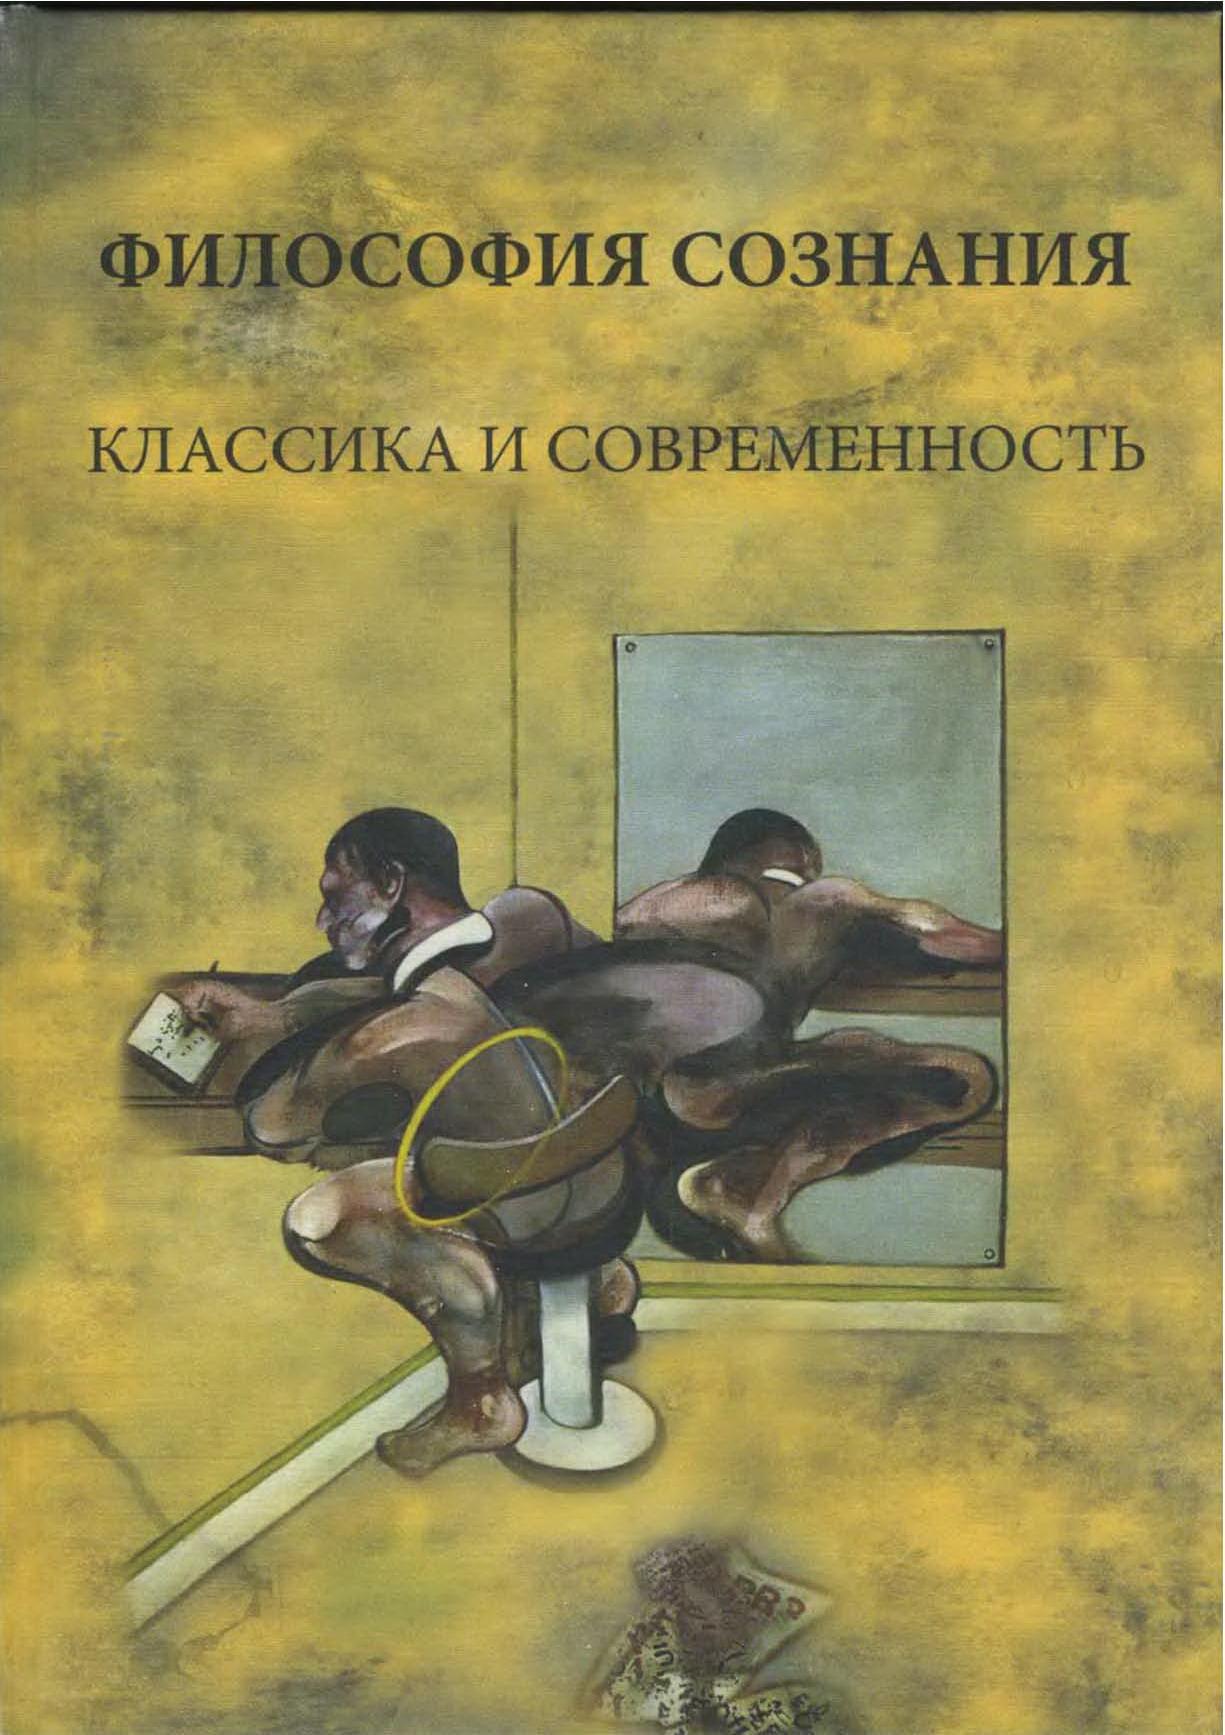 Философия сознания: классика и современность: Вторые Грязновские чтения